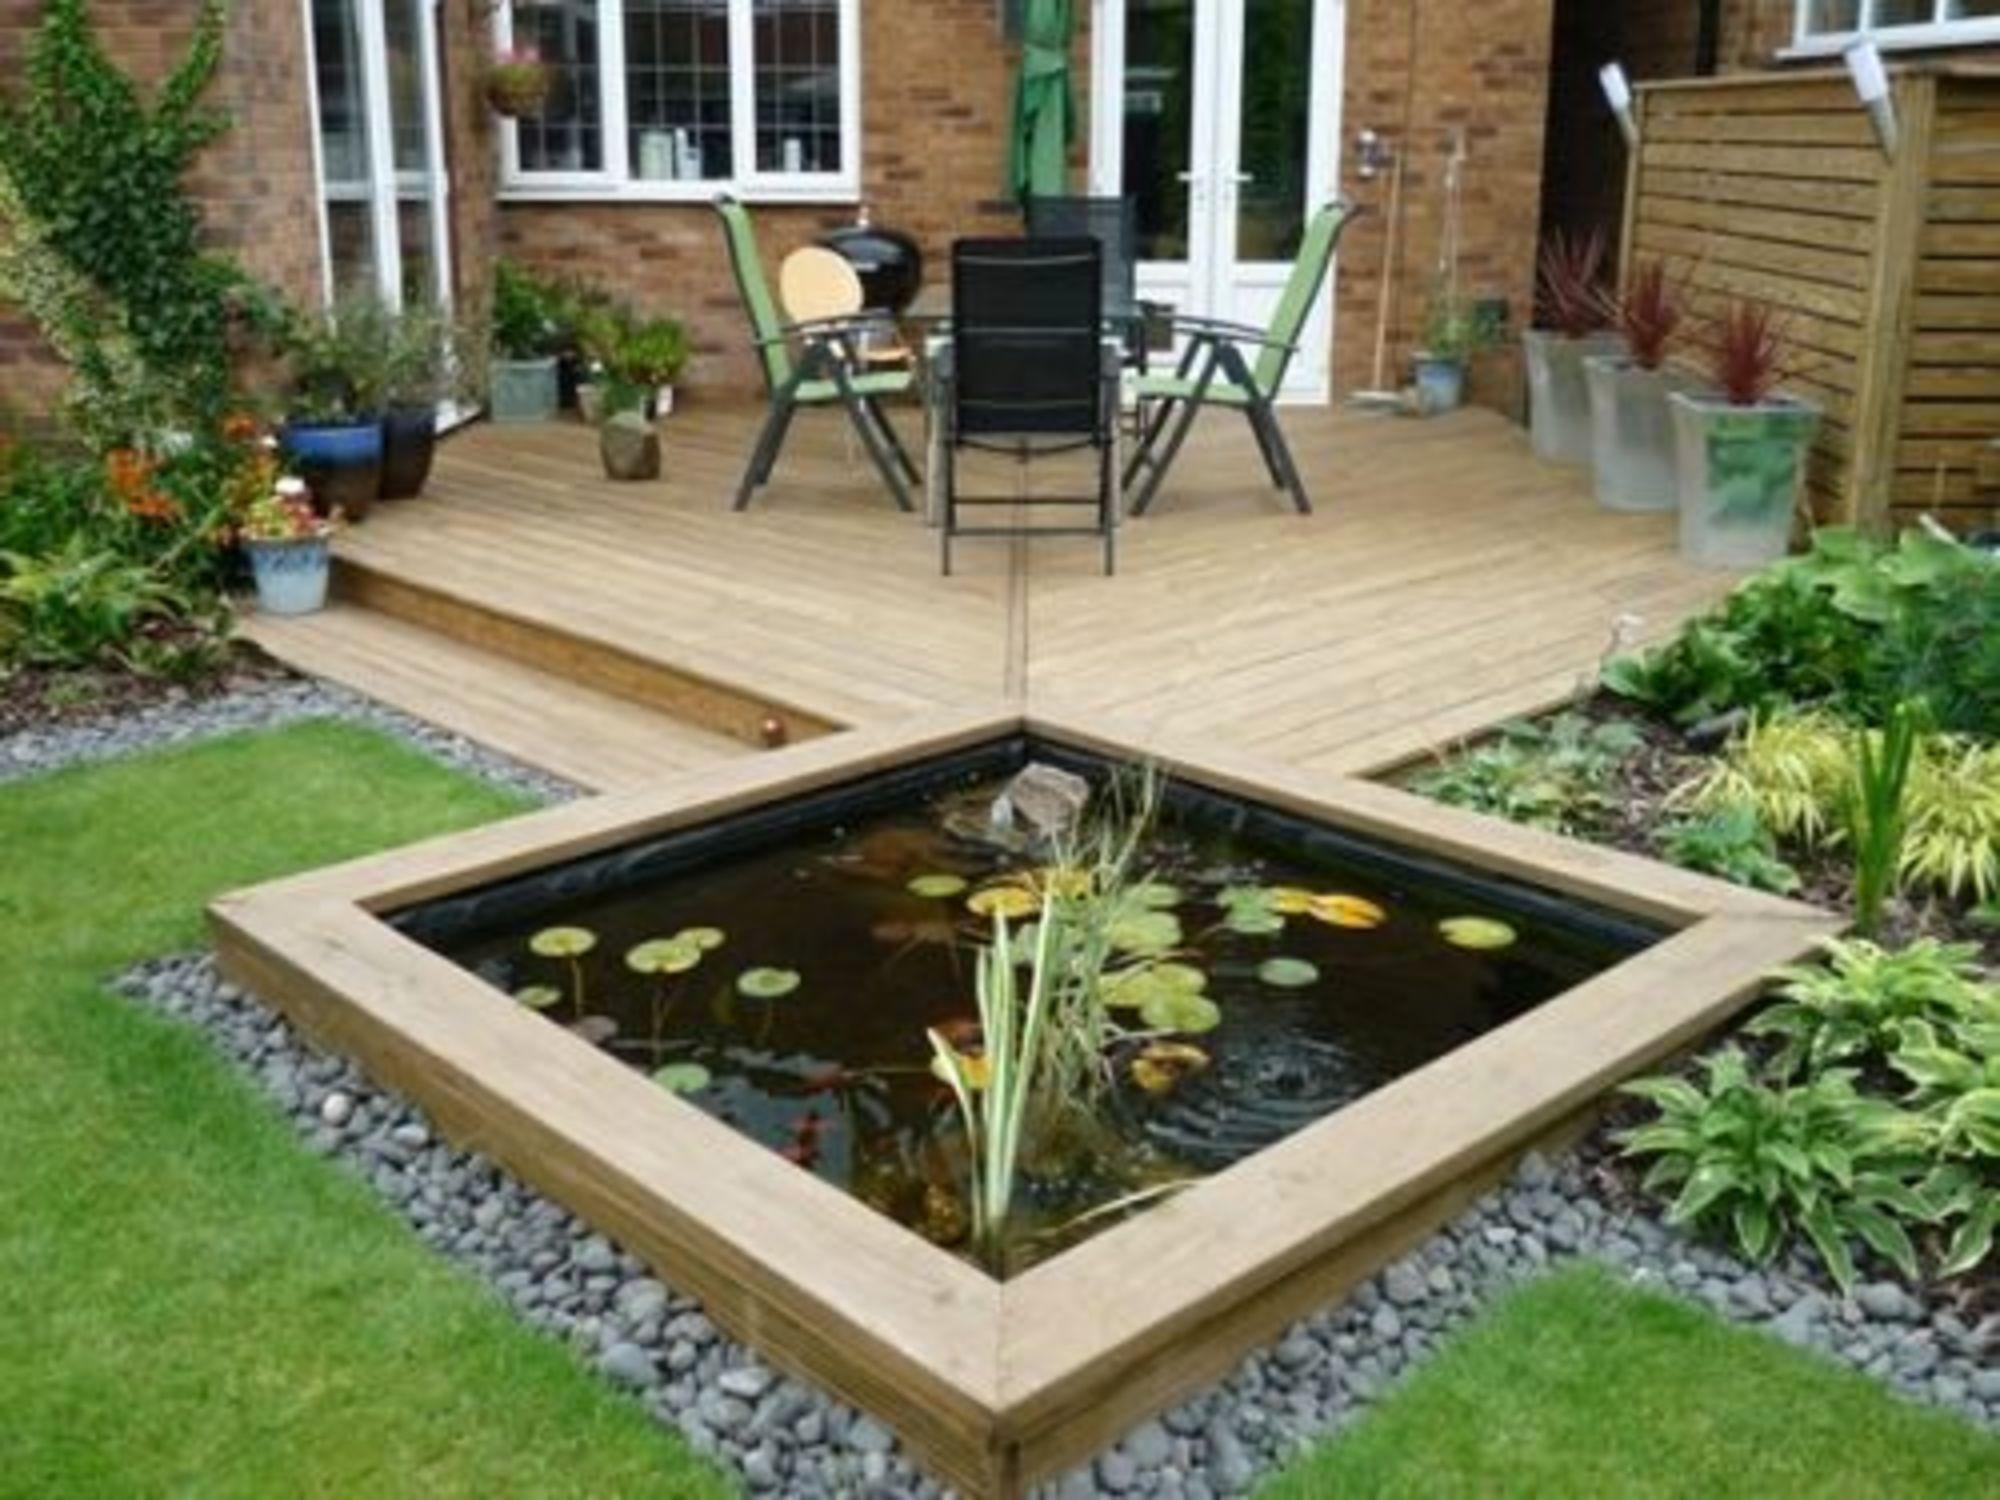 Construire Son Bassin De Jardin bassin de jardin | bassin de jardin, amenagement jardin et